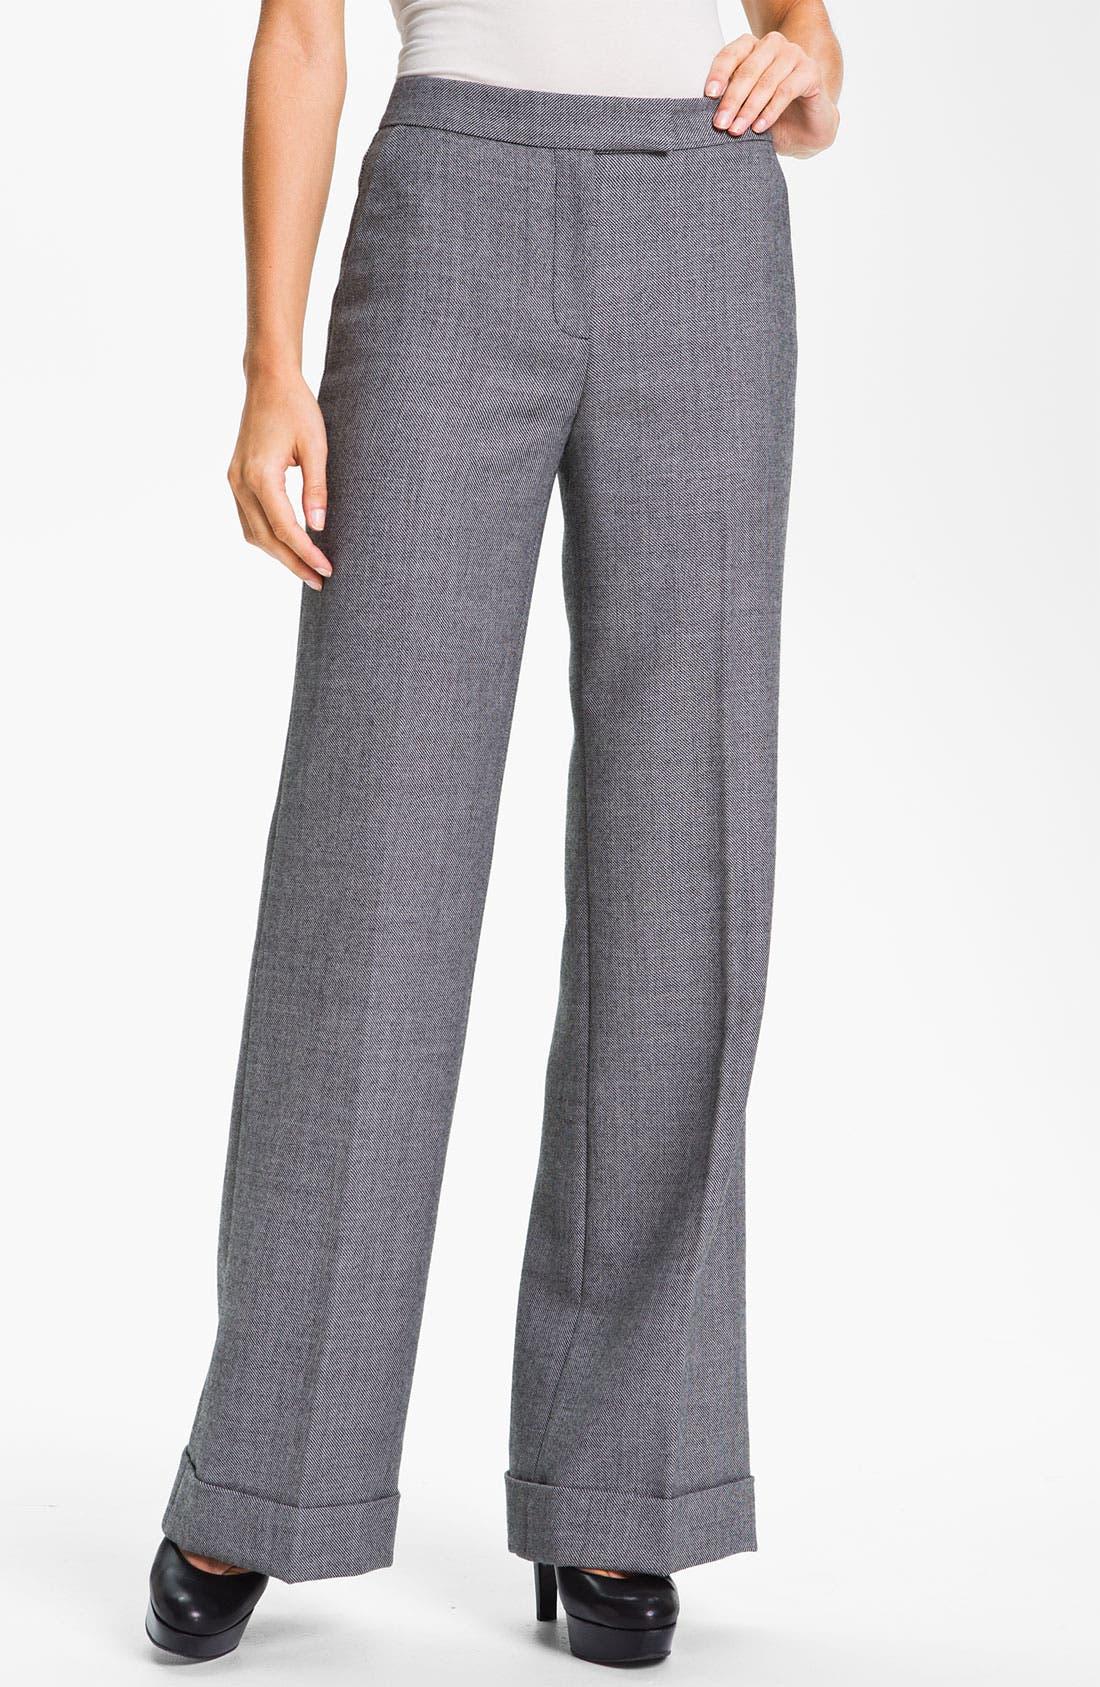 Alternate Image 1 Selected - Classiques Entier® 'Mellow Mélange' Pants